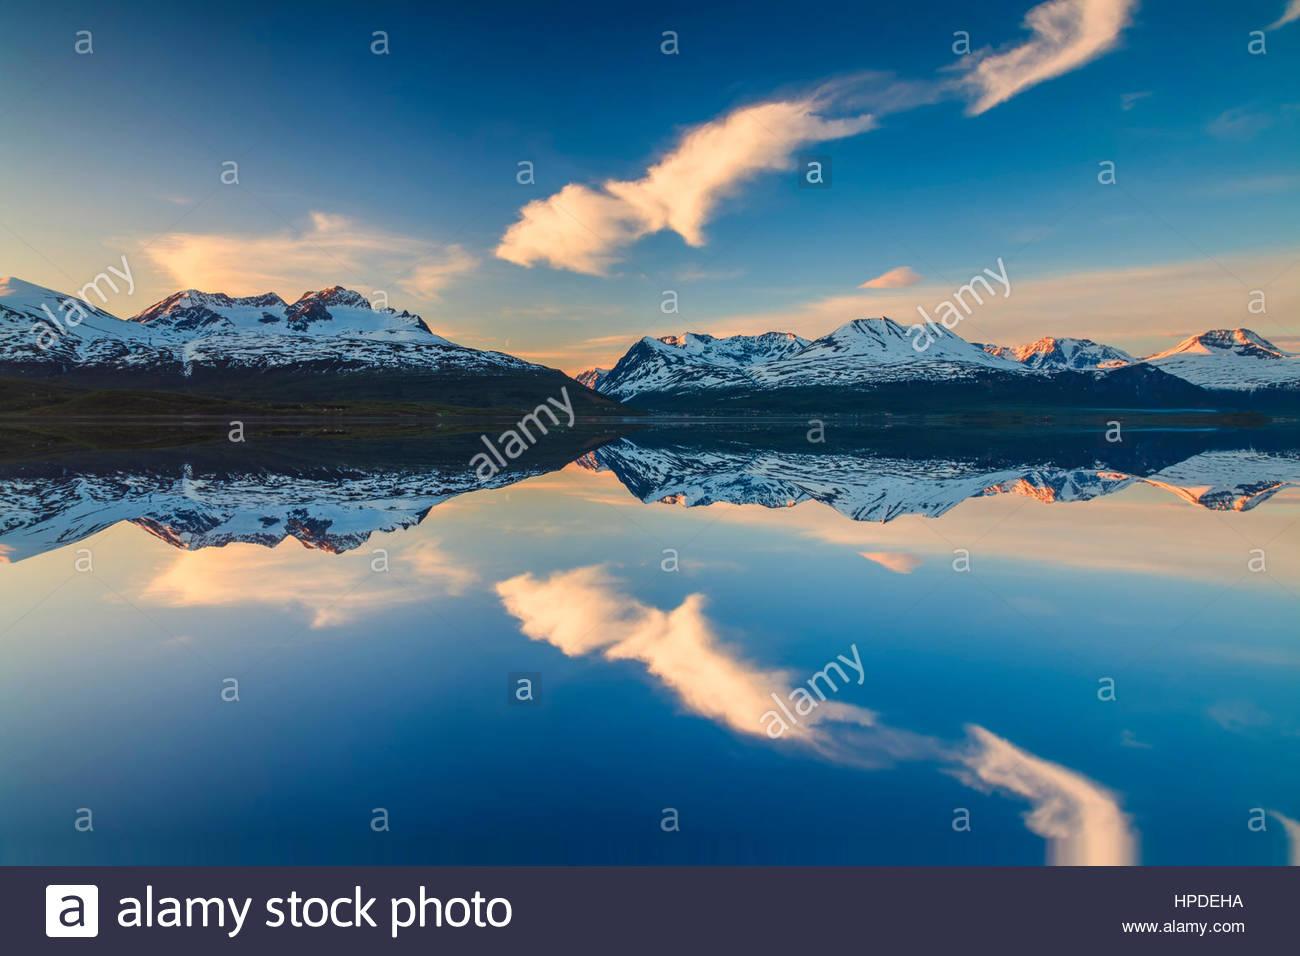 De réflexion de montagnes dans le fjord norvégien au coucher du soleil. Photo Stock